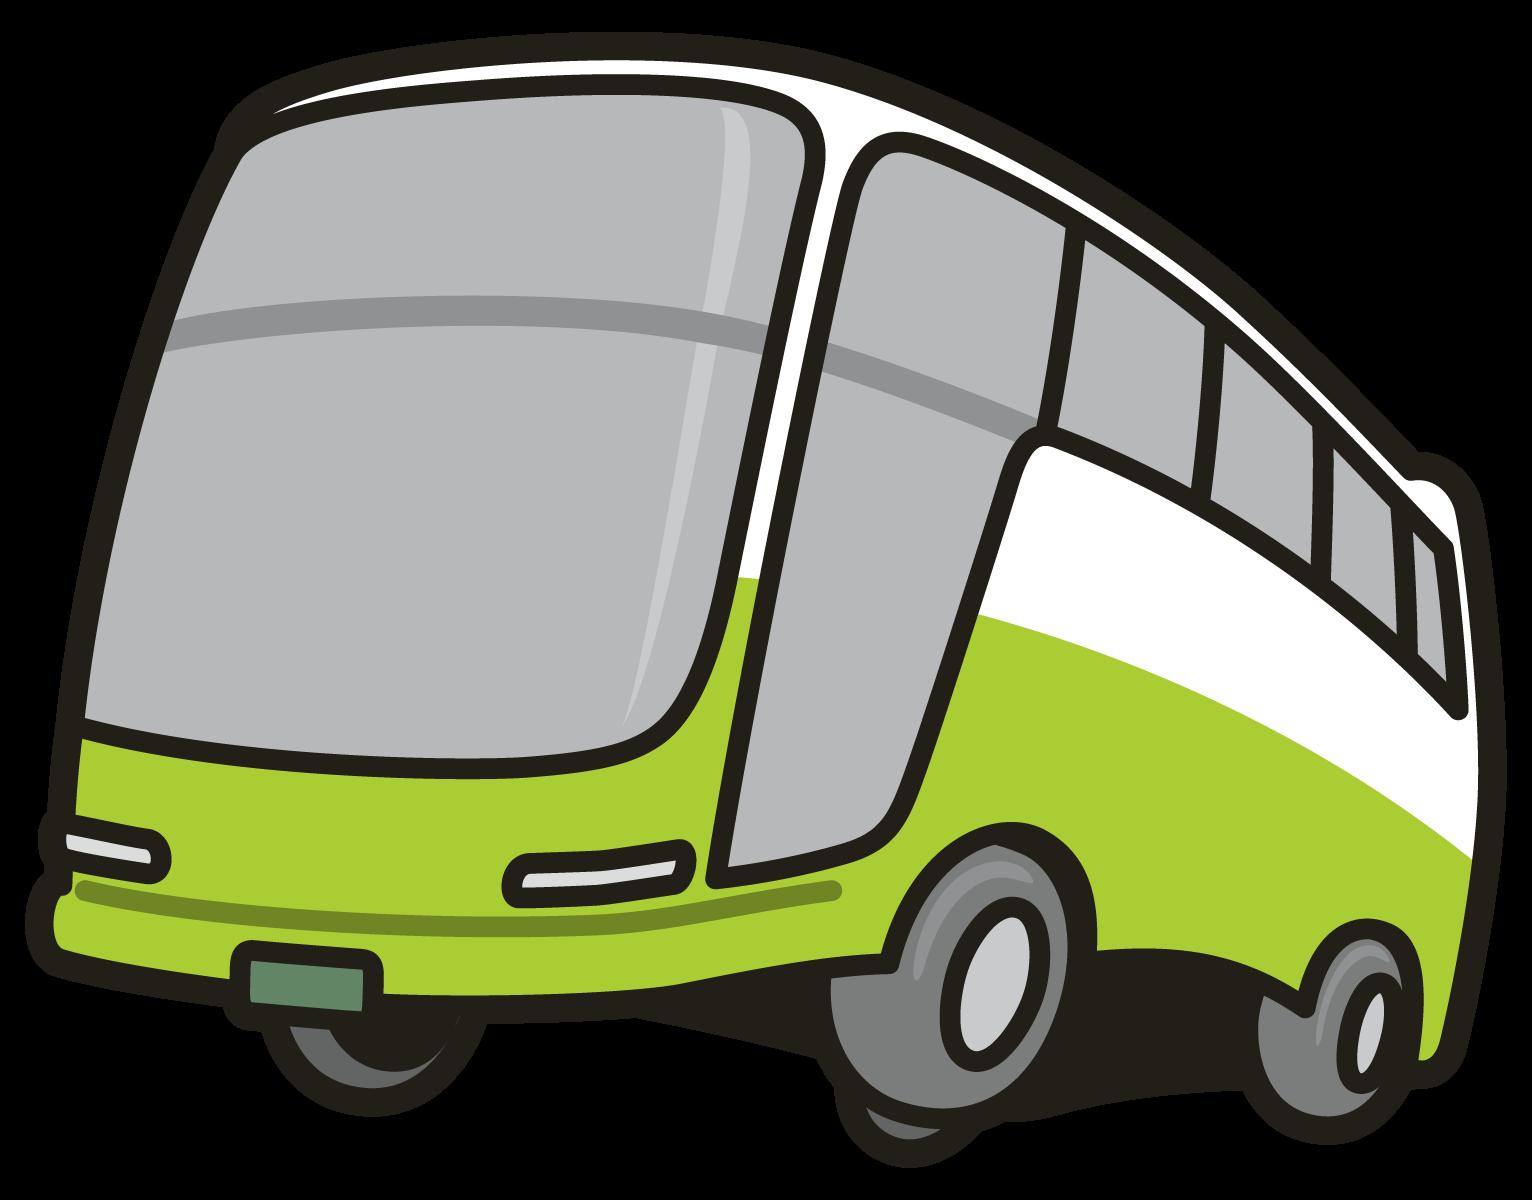 ペット連れバスツアーもペット旅行の手段の一つ